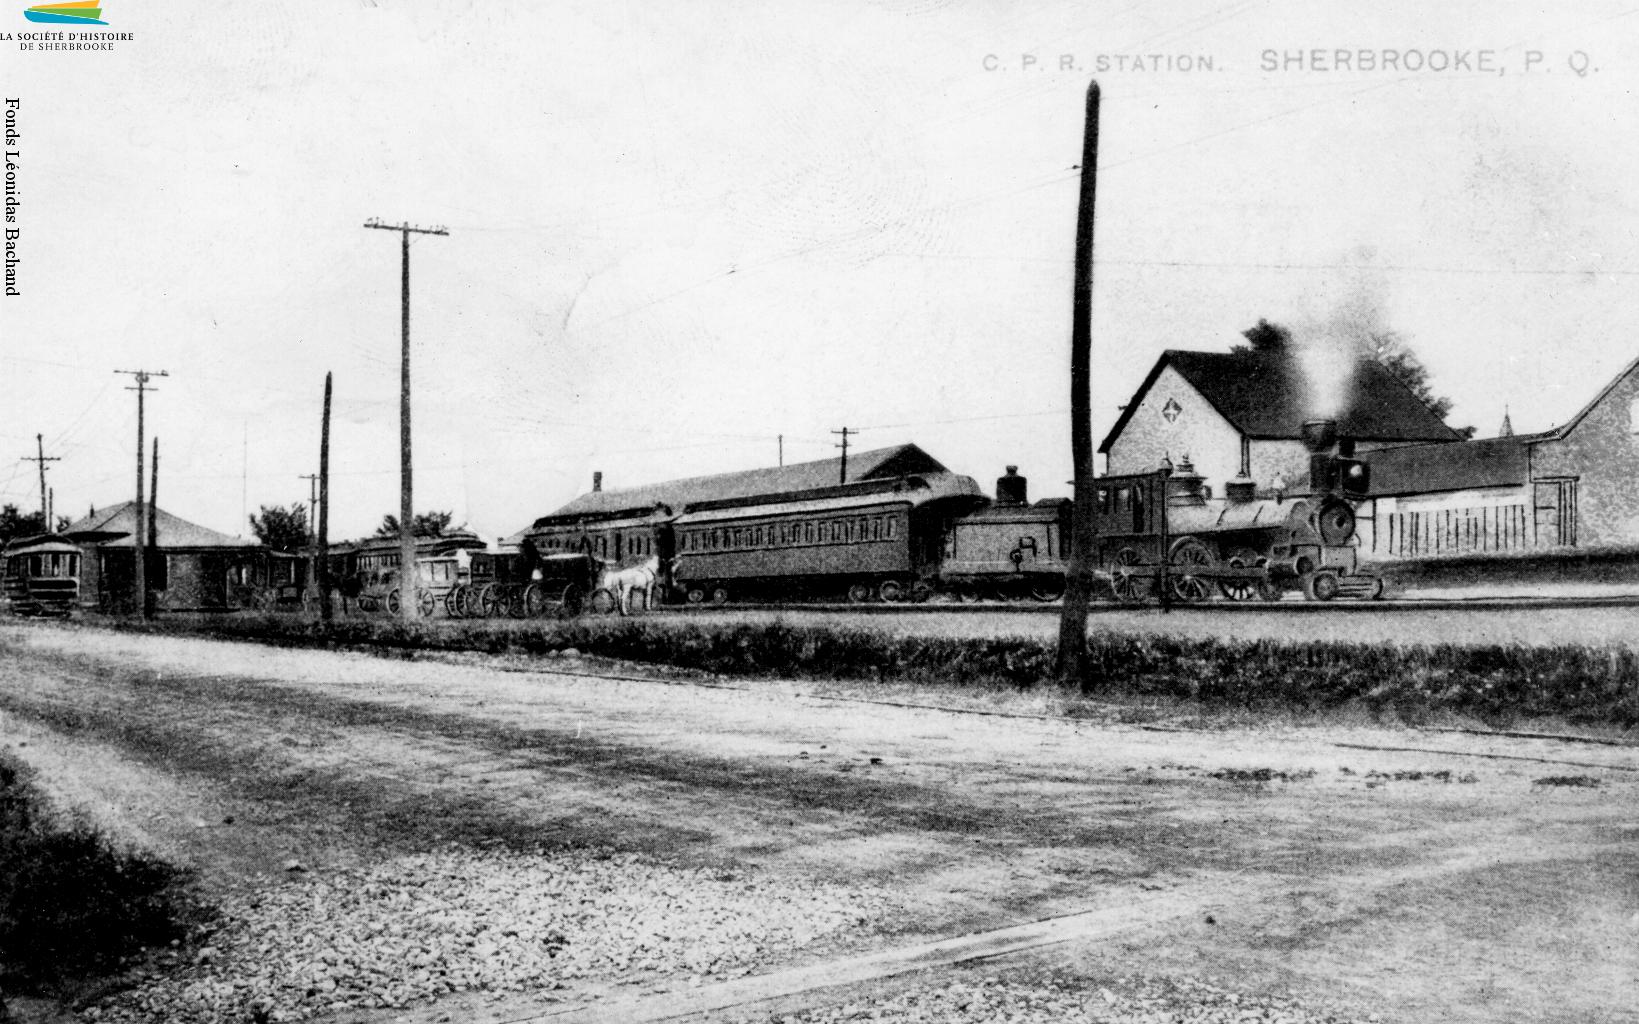 La gare du Canadien Pacifique située au coin des rues Frontenac et Belvédère Nord, vers 1907. Des passagers peuvent y embarquer, mais ce sont surtout les usines situées à proximité – dont la Paton – qui profitent de la proximité de cette voie ferrée. La gare est construite en 1890, et démolie en 1963.